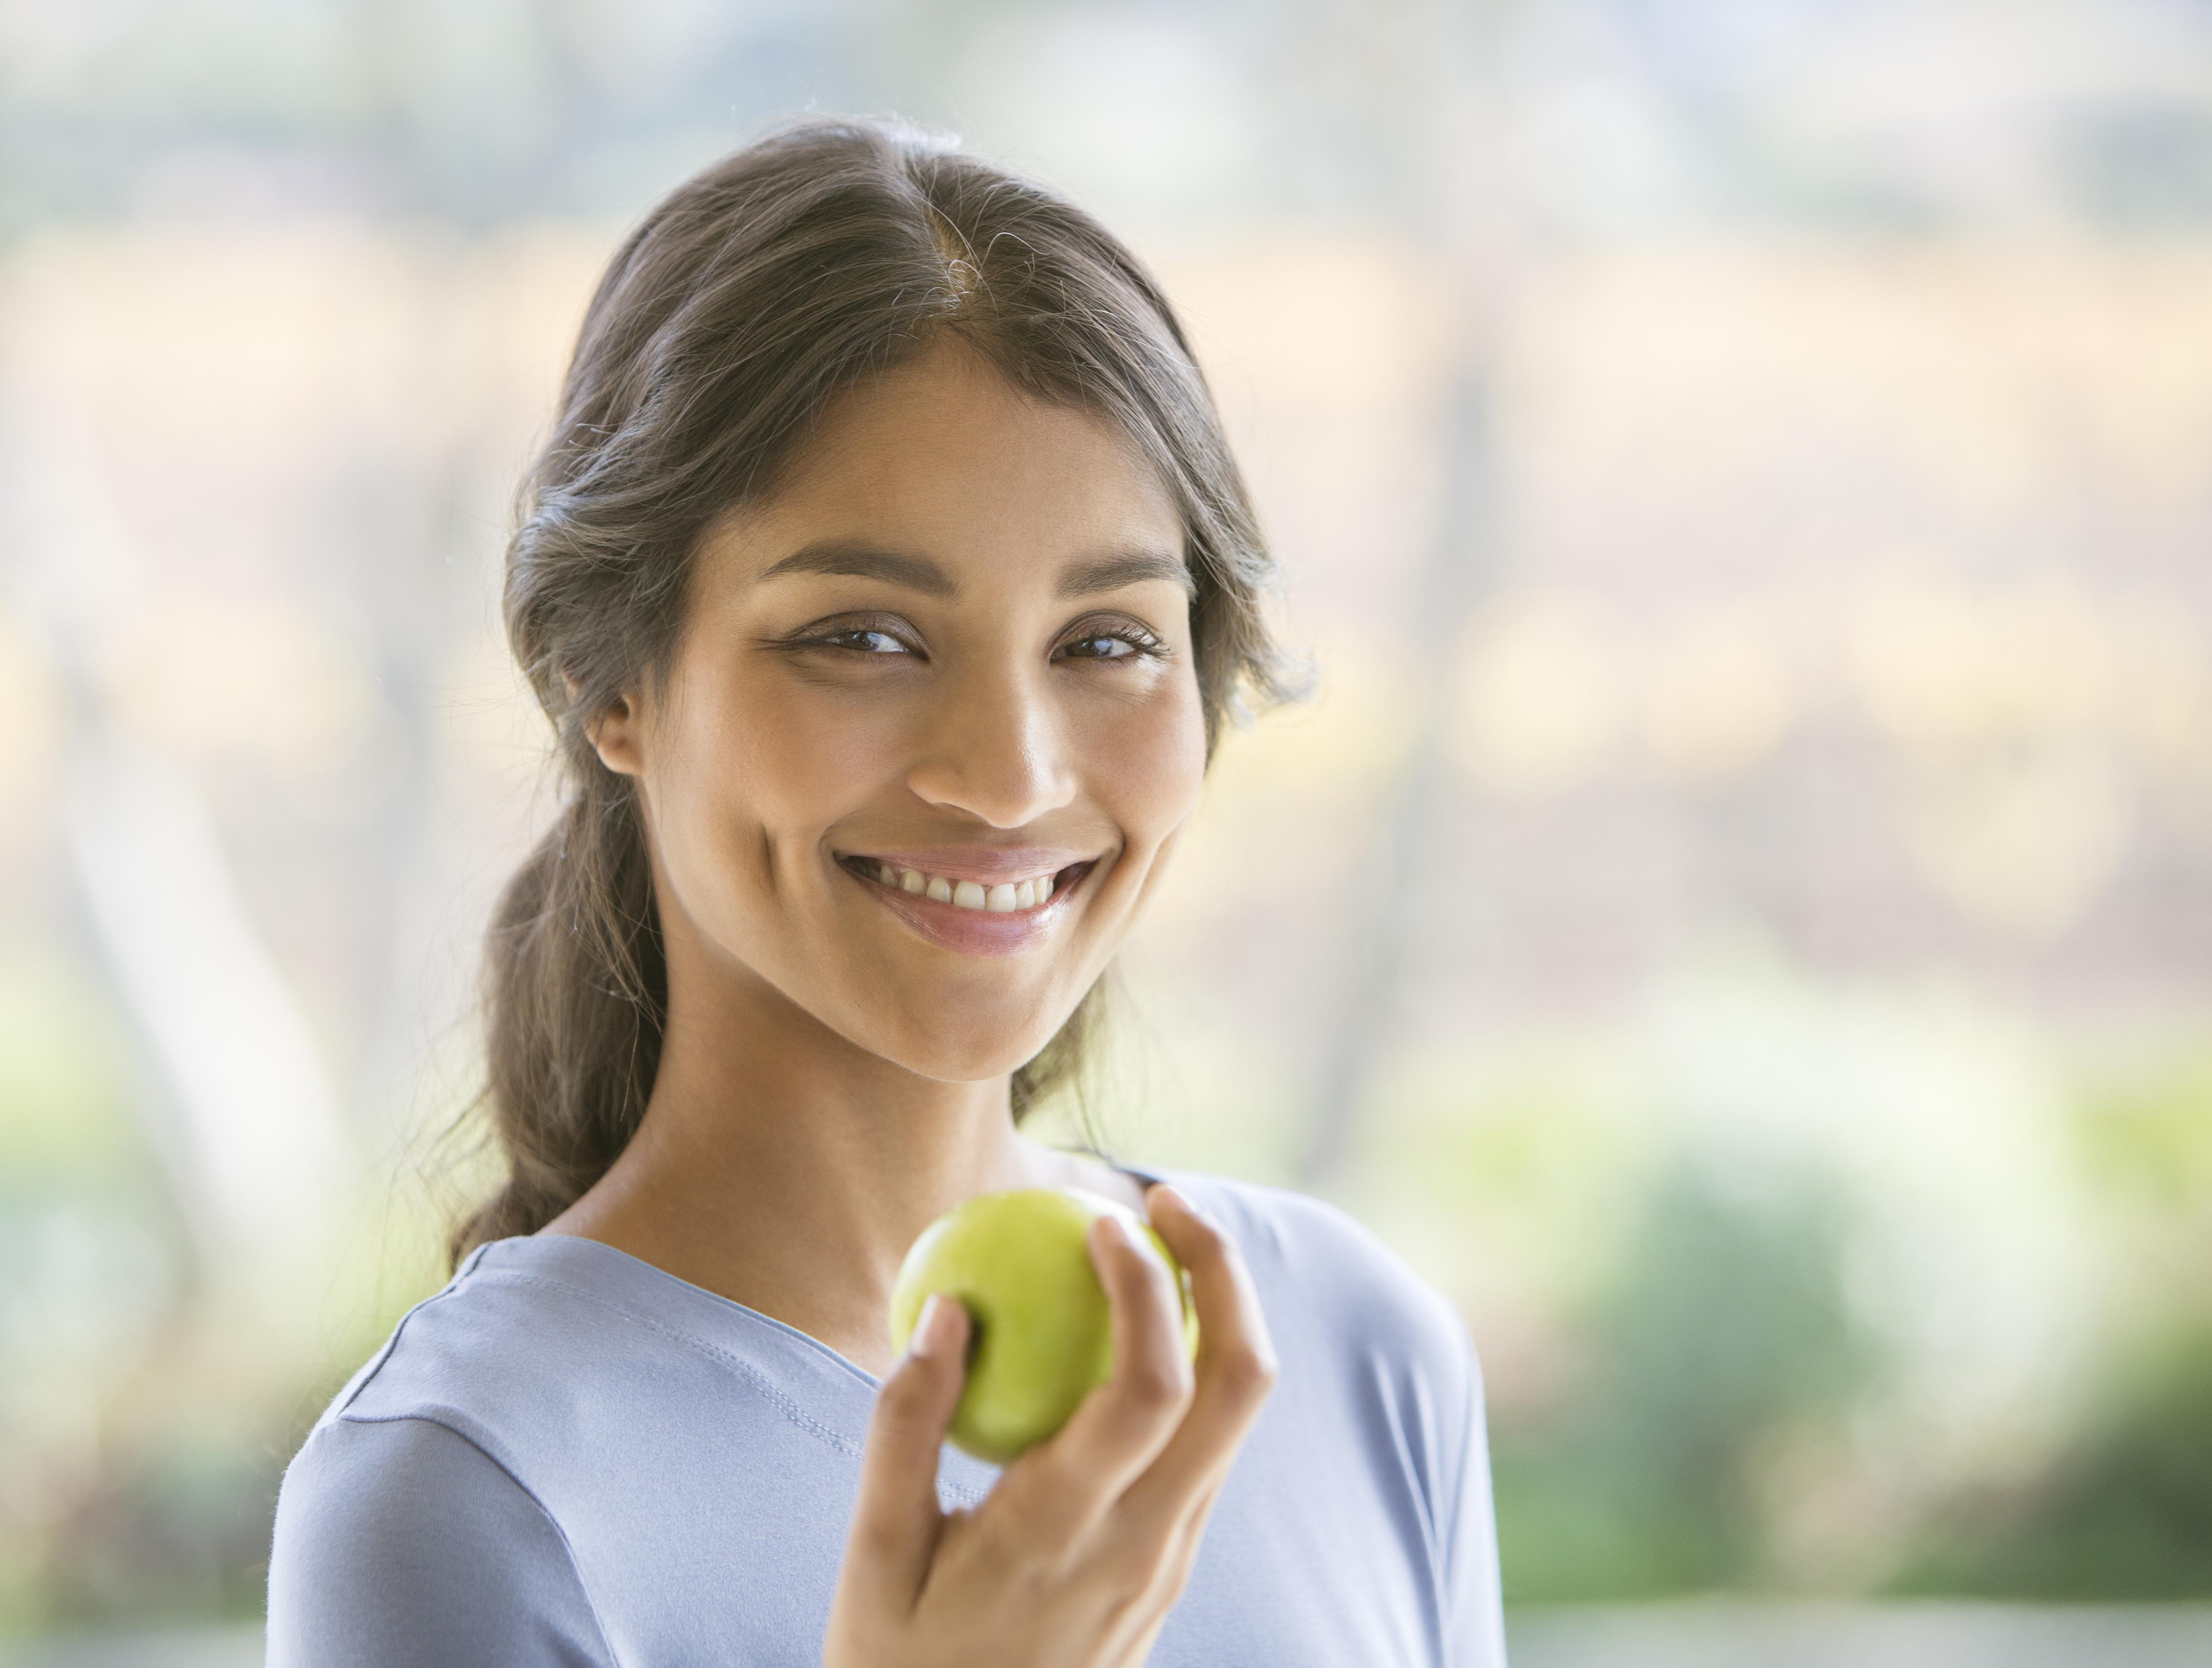 Chica saludable comiendo manzana.